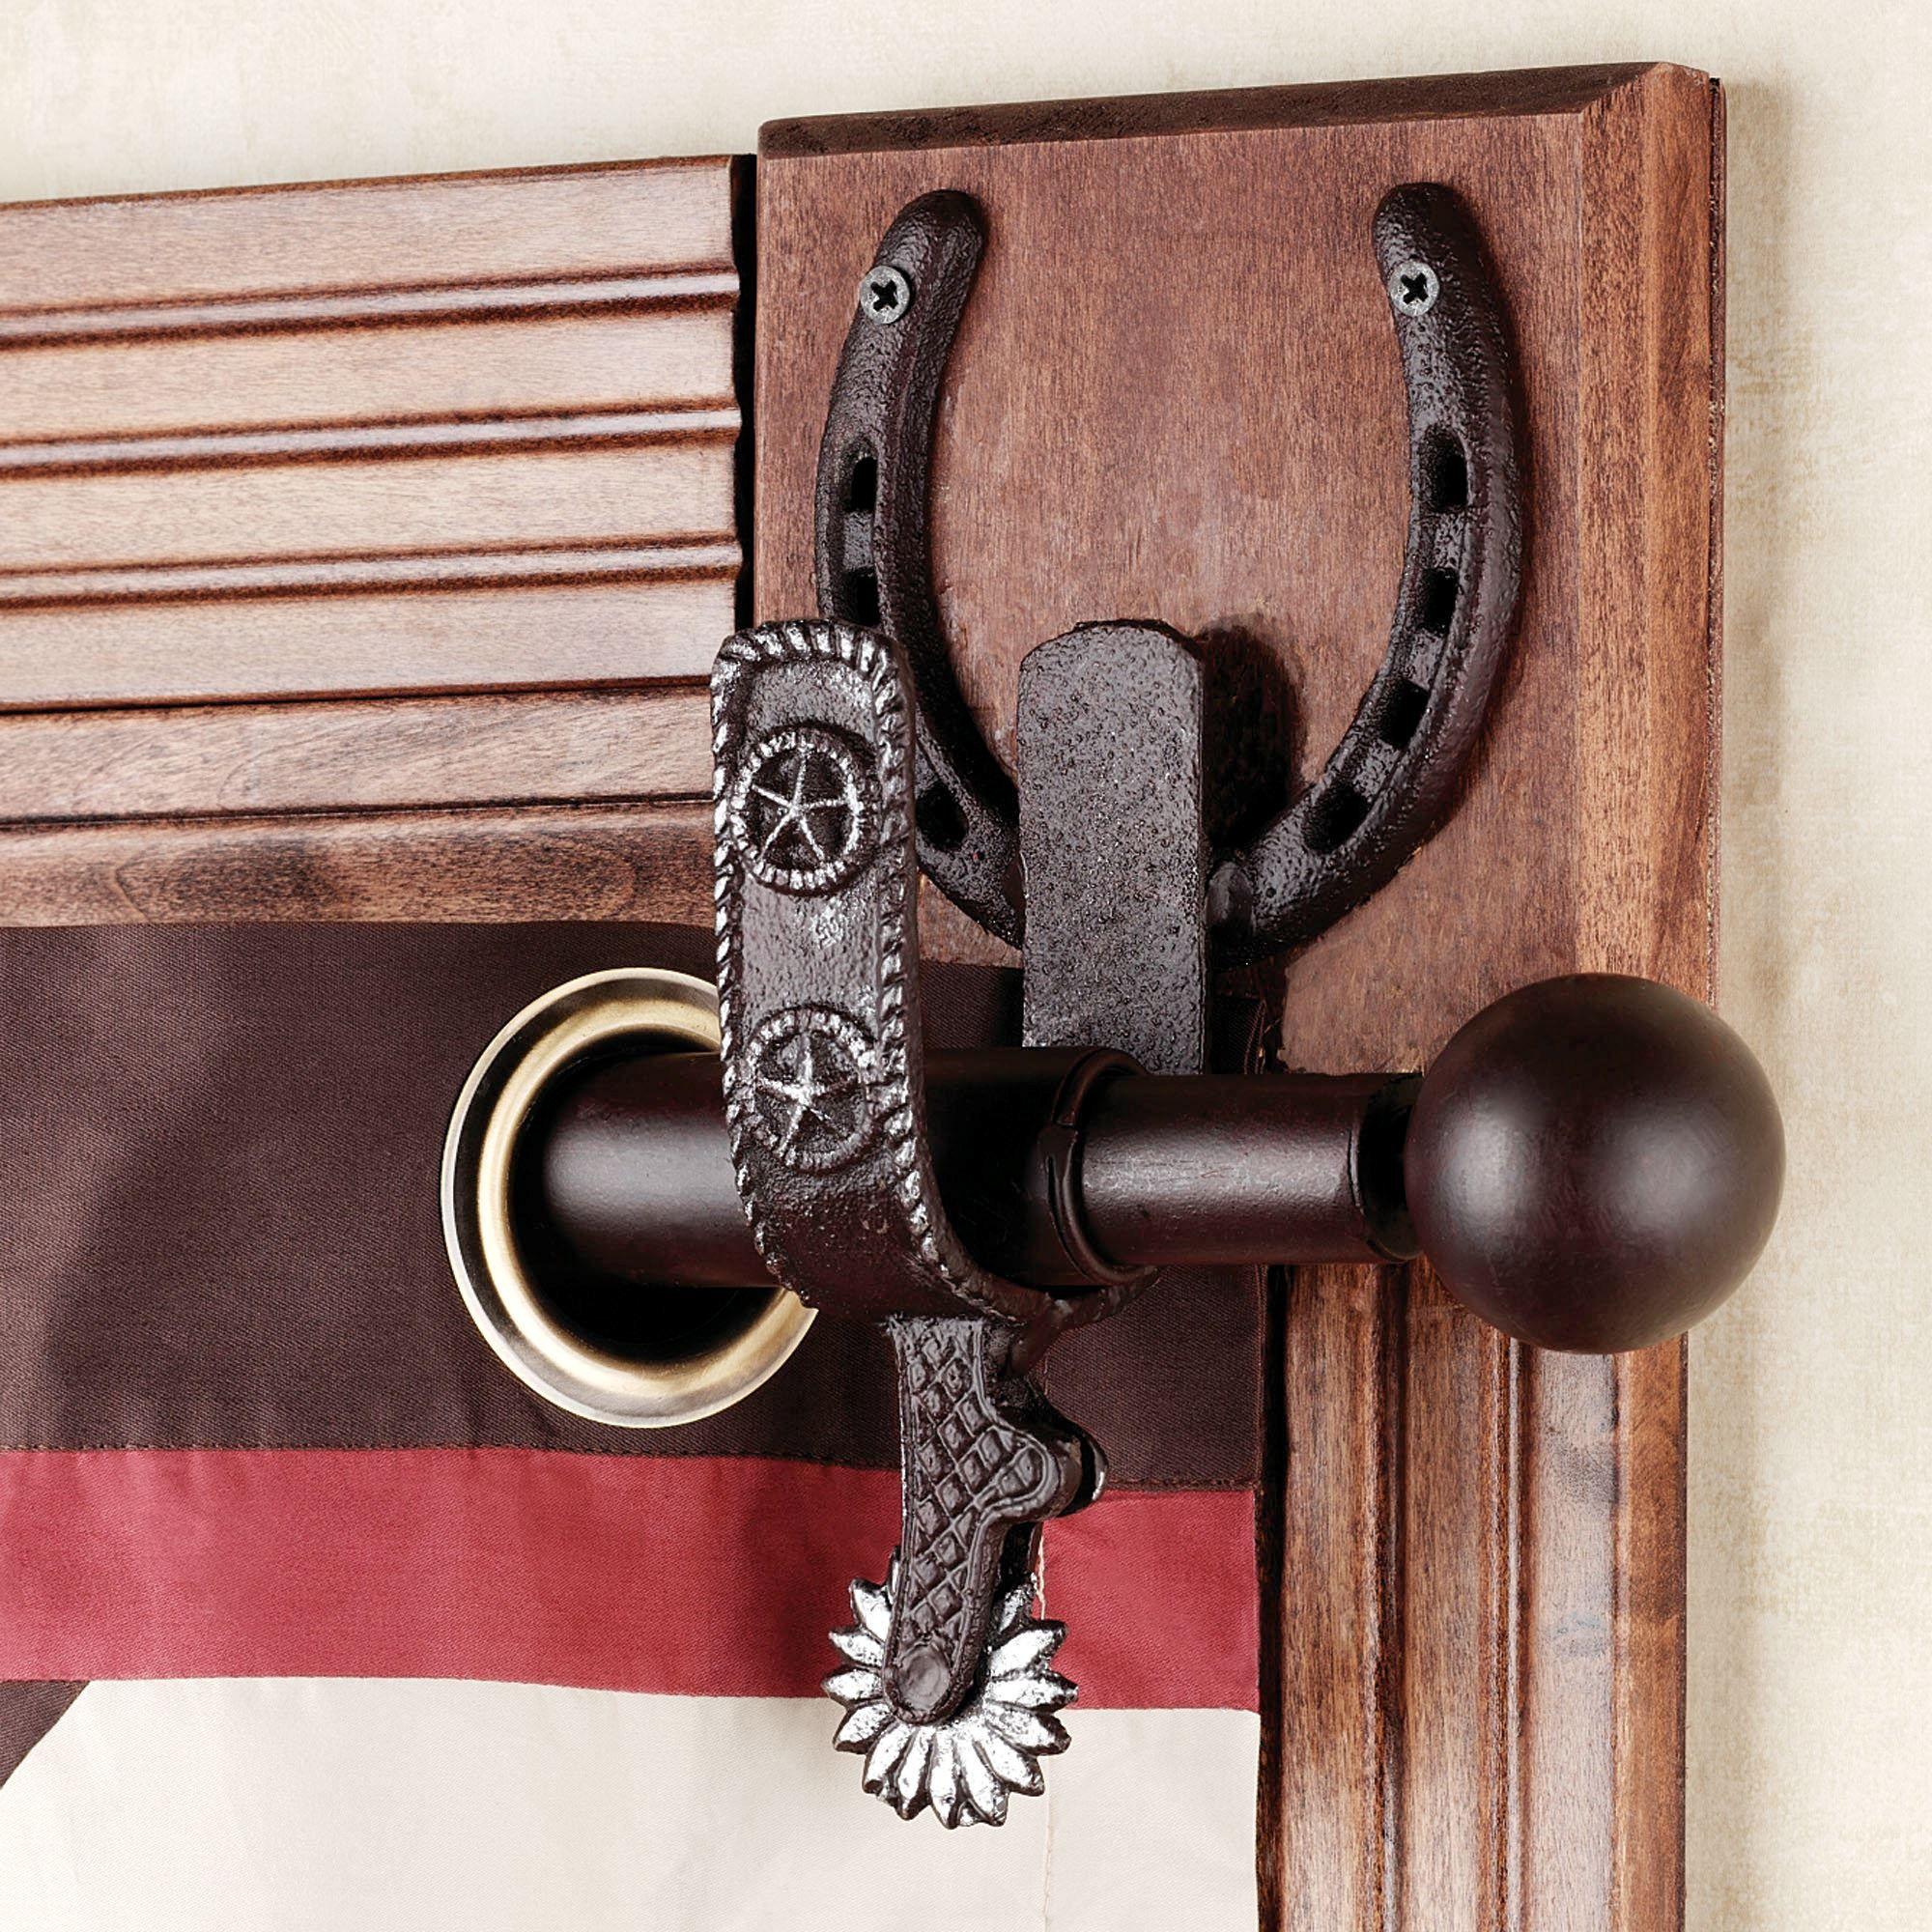 spurs western decorative curtain rod set